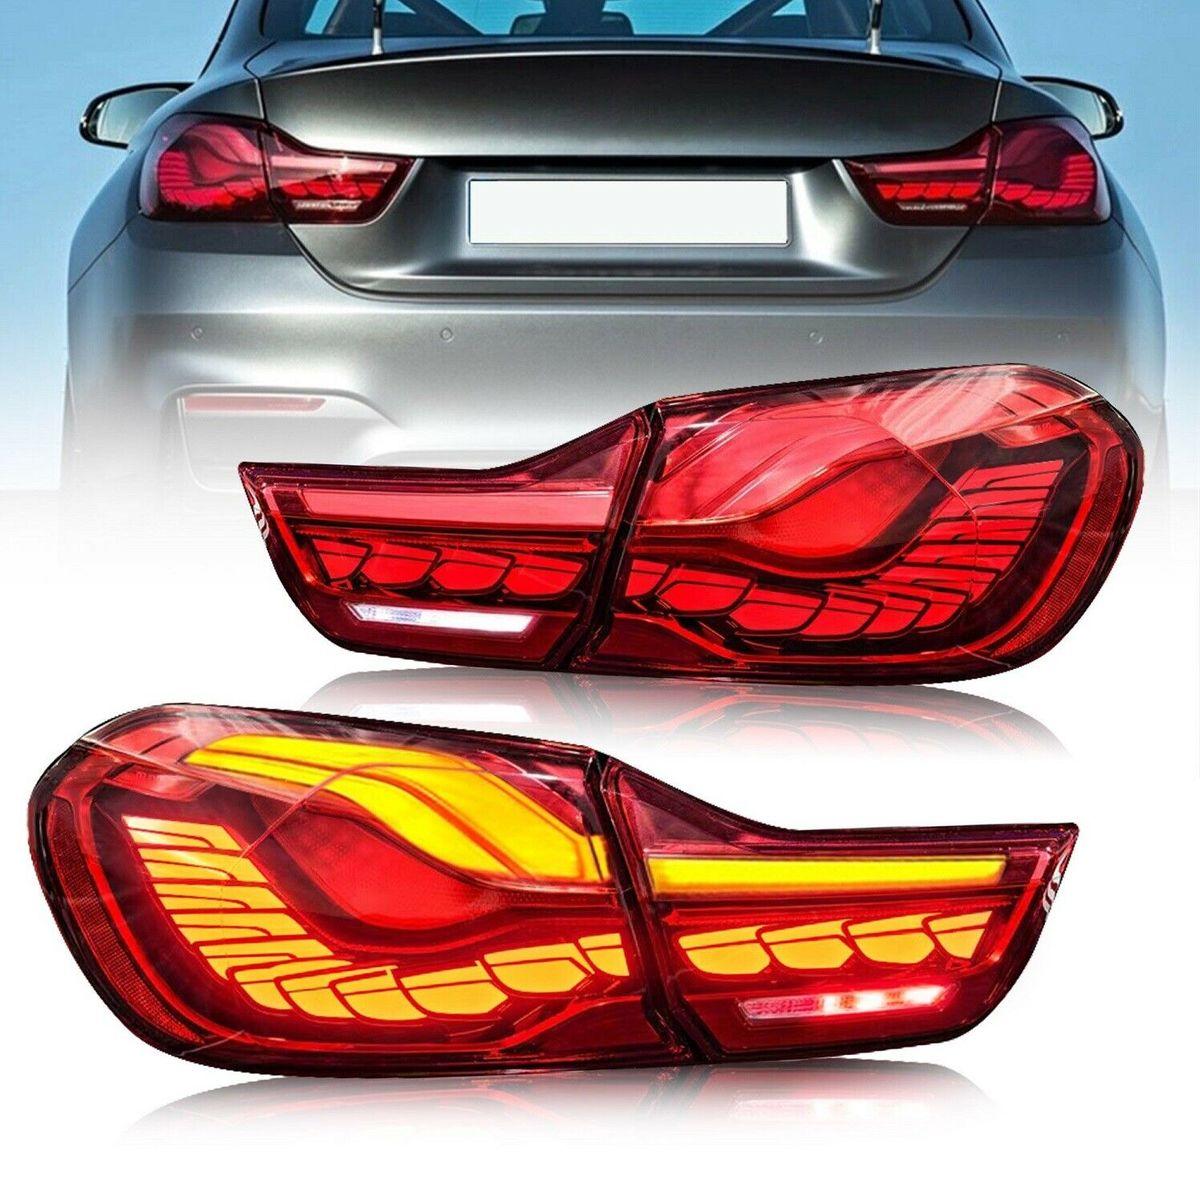 VLAND 新製 GTS CS スタイル bmw M4 4シリーズ テールラン 爆安 USEKA BMW テールランプ F83 テールライト F82 F32 2014-2020年式 CS仕様 左右2点セット新製品 F33 ファッション通販 流れるウインカー F36 オープニングモーション フォールLED